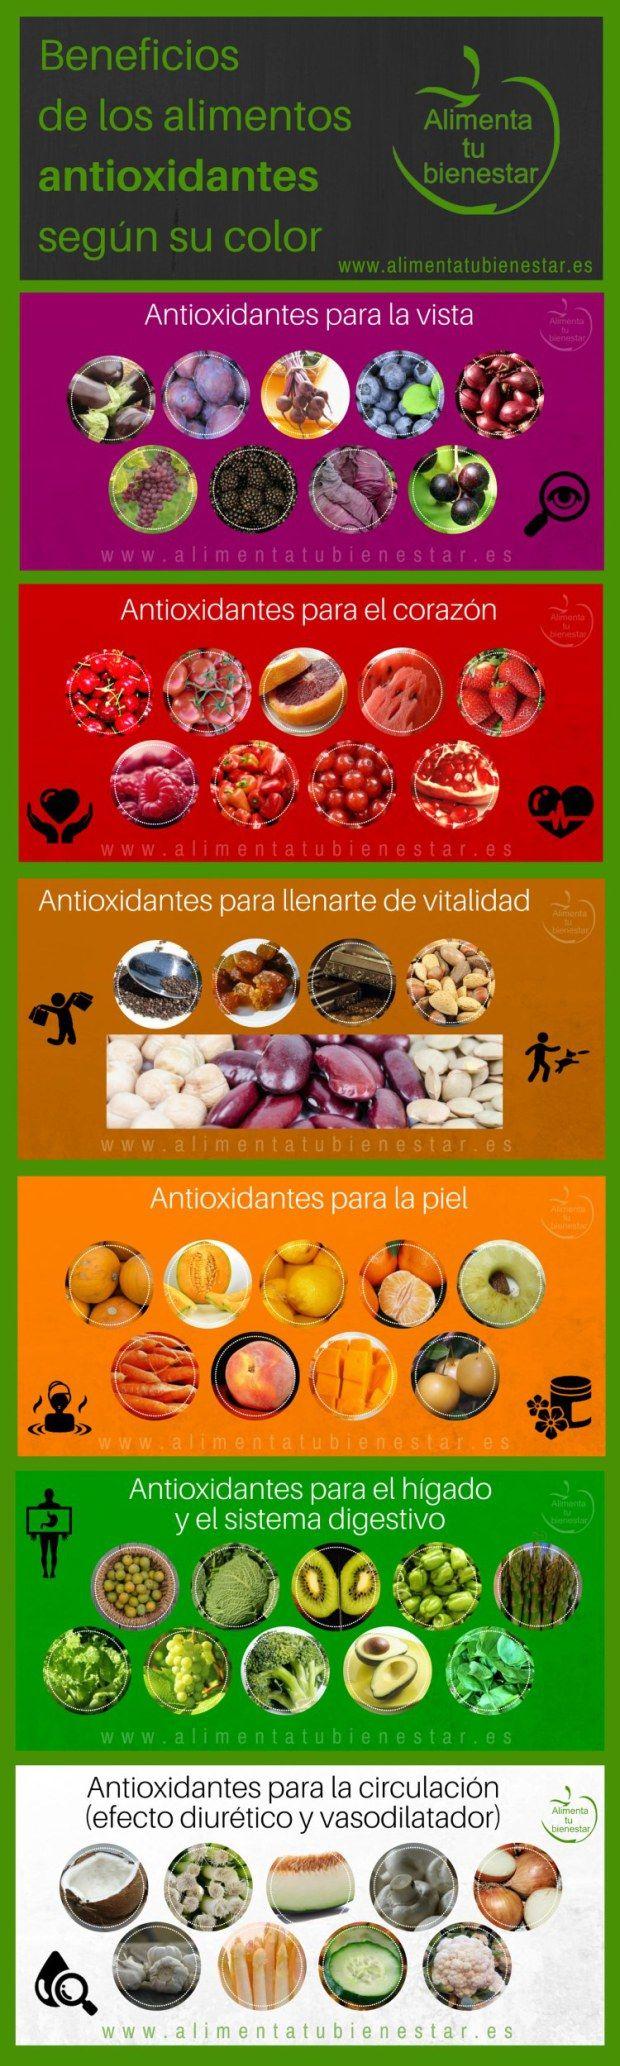 Infografía Beneficios de los alimentos antioxidantes por su color